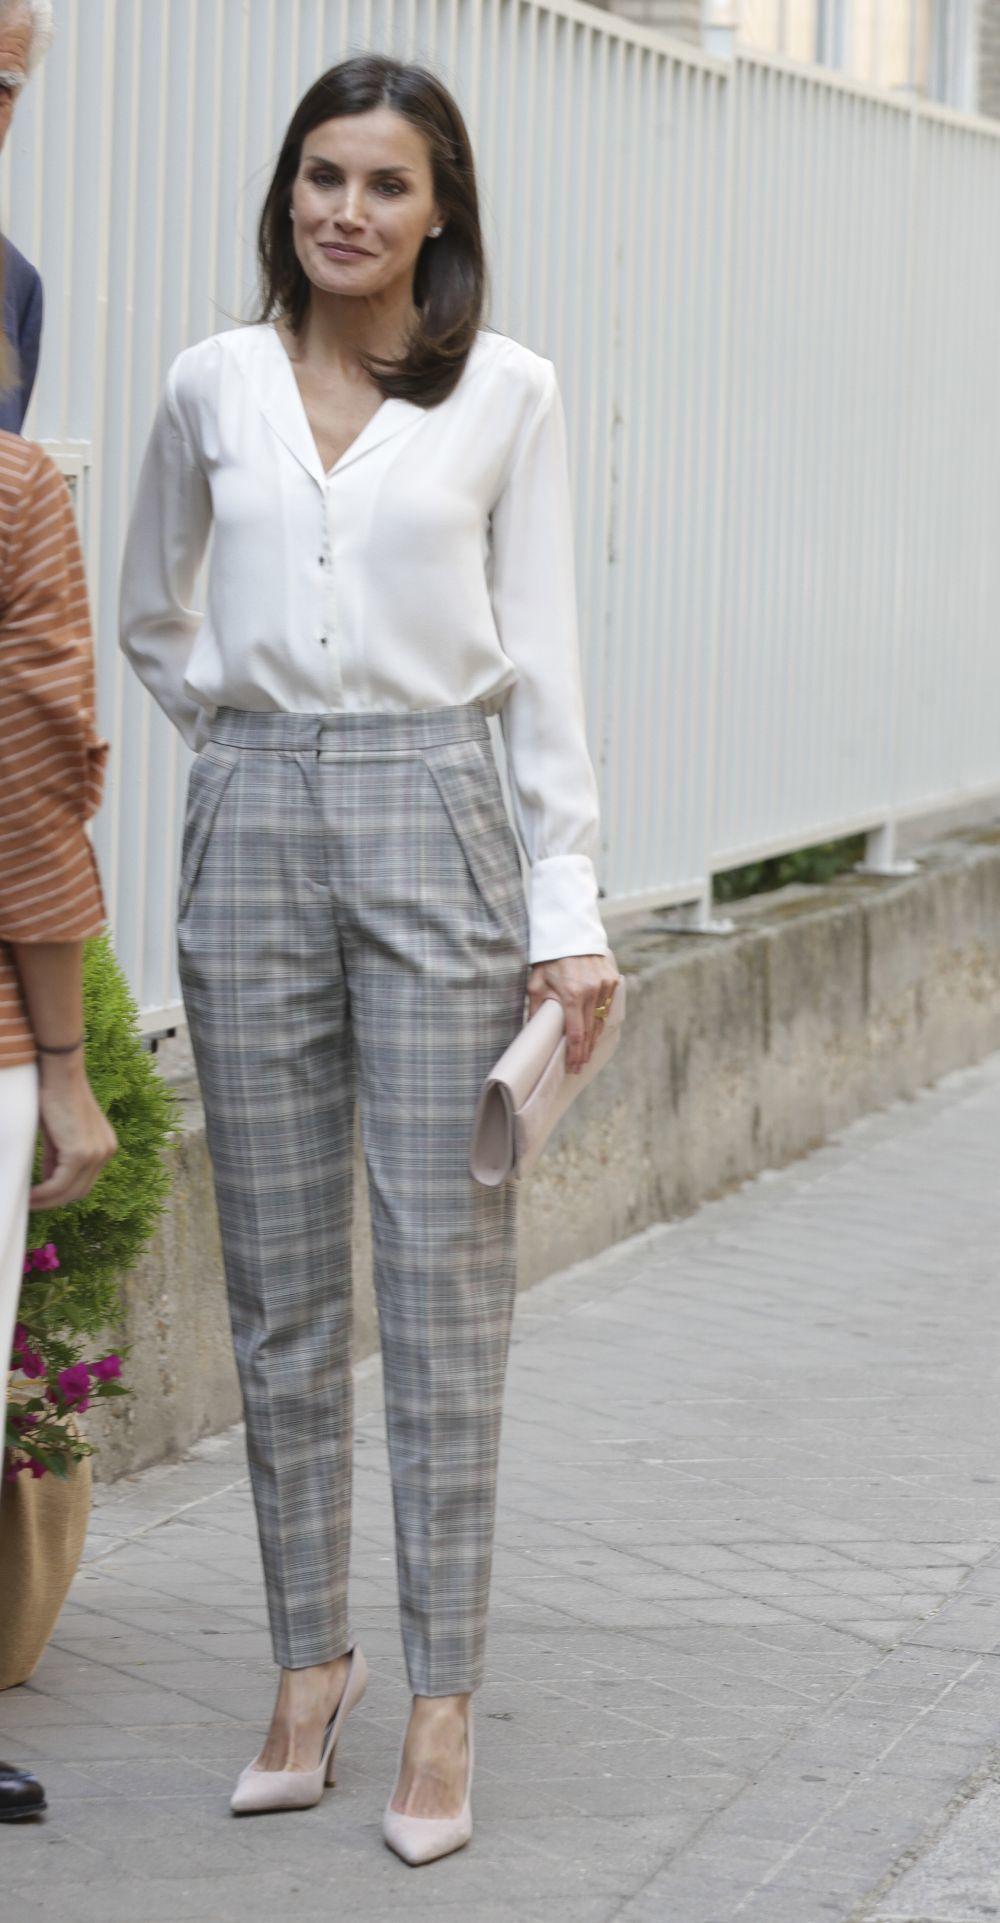 La reina Letizia con camisa y pantalones de cuadros.